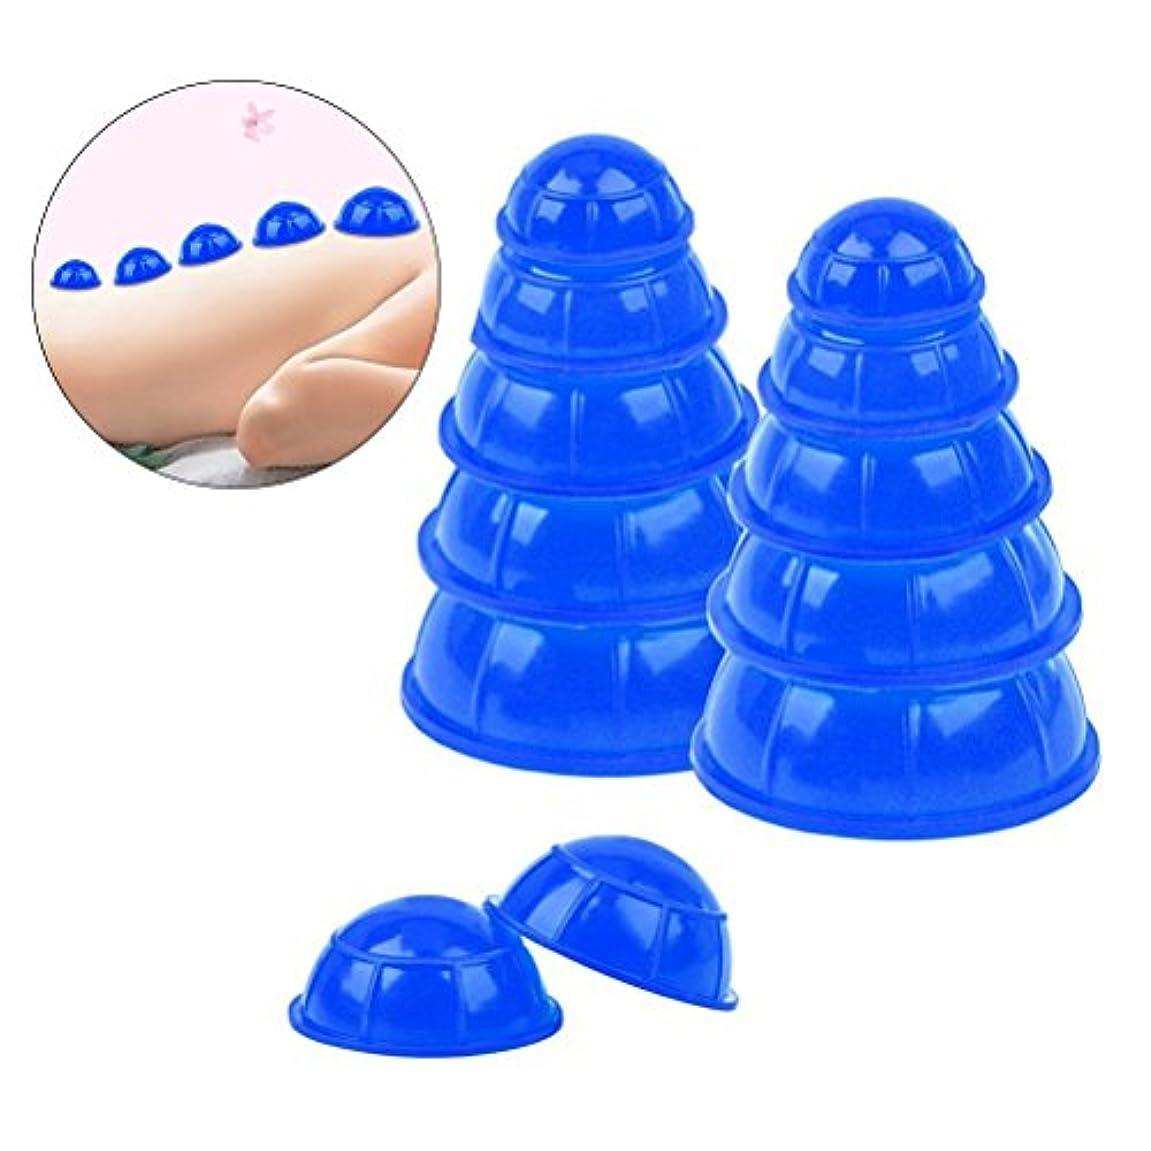 花耕す不満ROSENICE カッピングカップシリコンメディカルバキュームカッピングマッサージツールボディフェイシャルセラピーセット12pcs(ブルー)